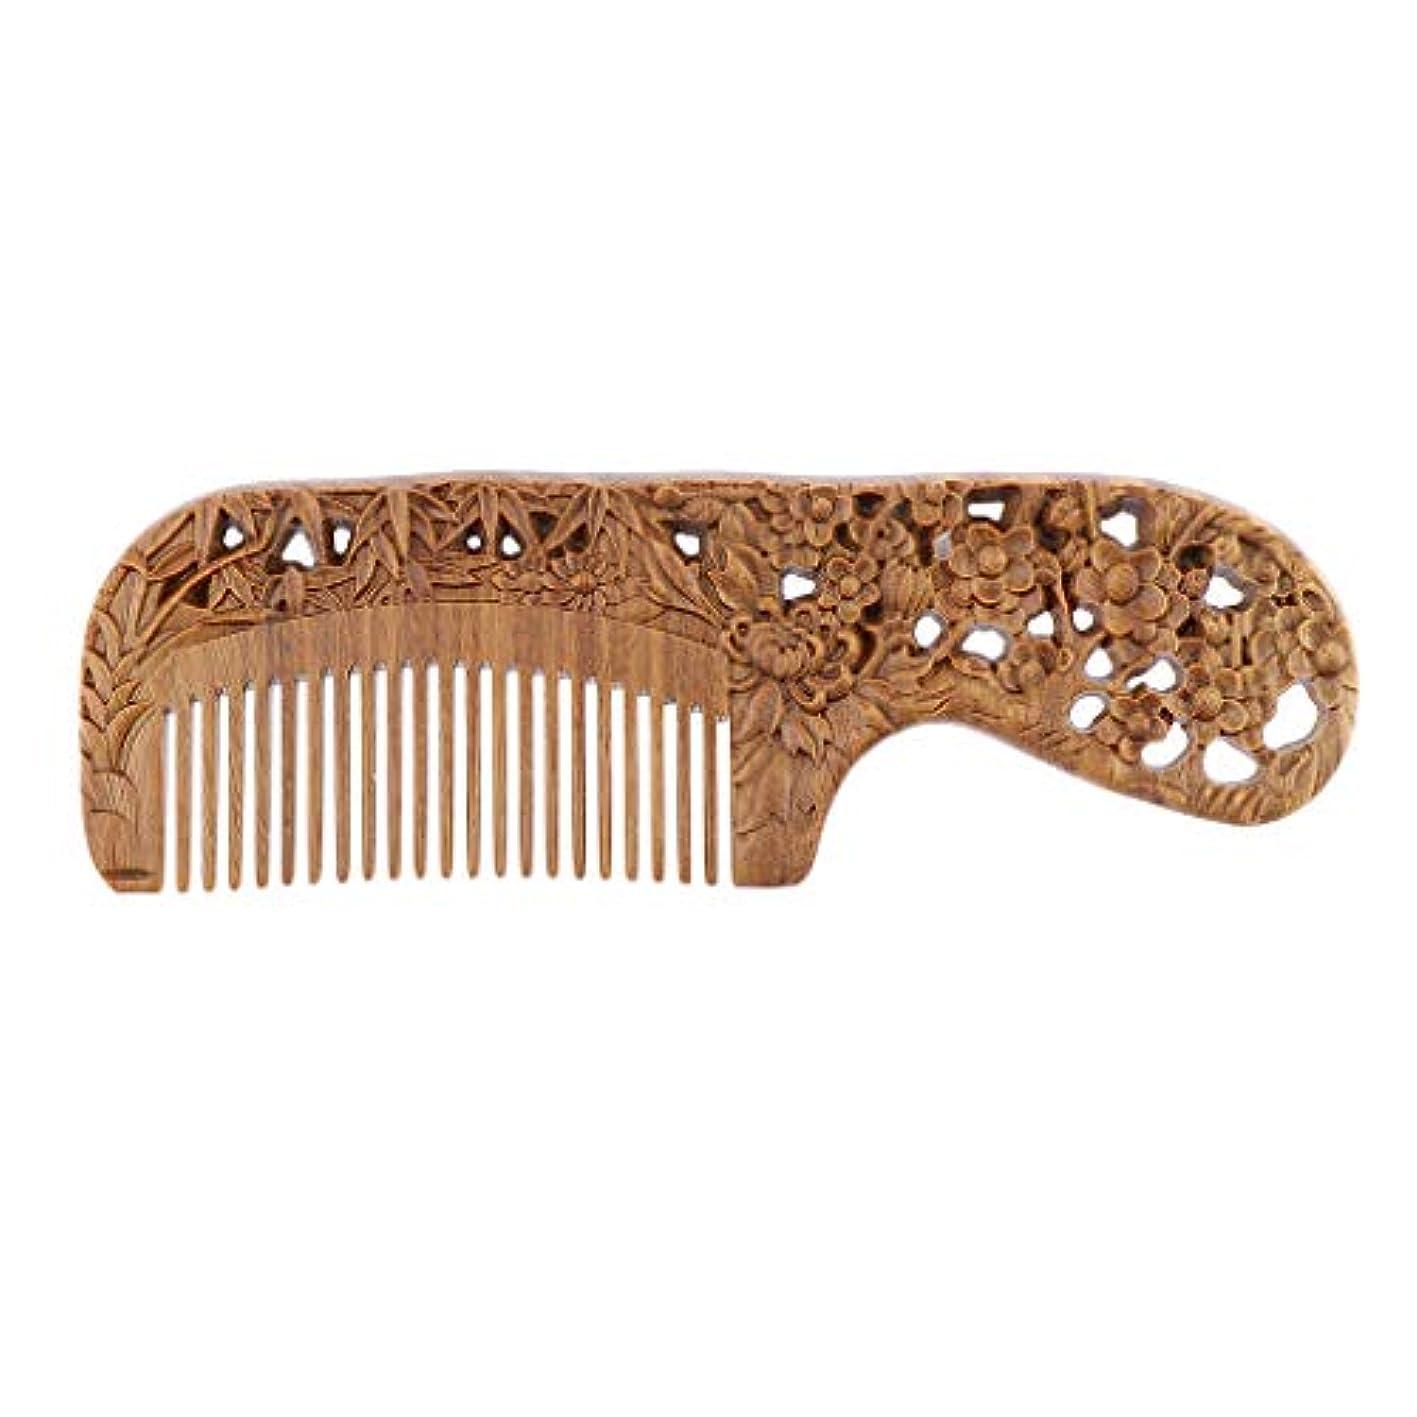 多分泥だらけクリスマス手作り 木製櫛 ヘアブラシ ヘアコーム 頭皮マッサージ レトロ 4タイプ選べ - 17.8 x 5.6 x 11.5 cm